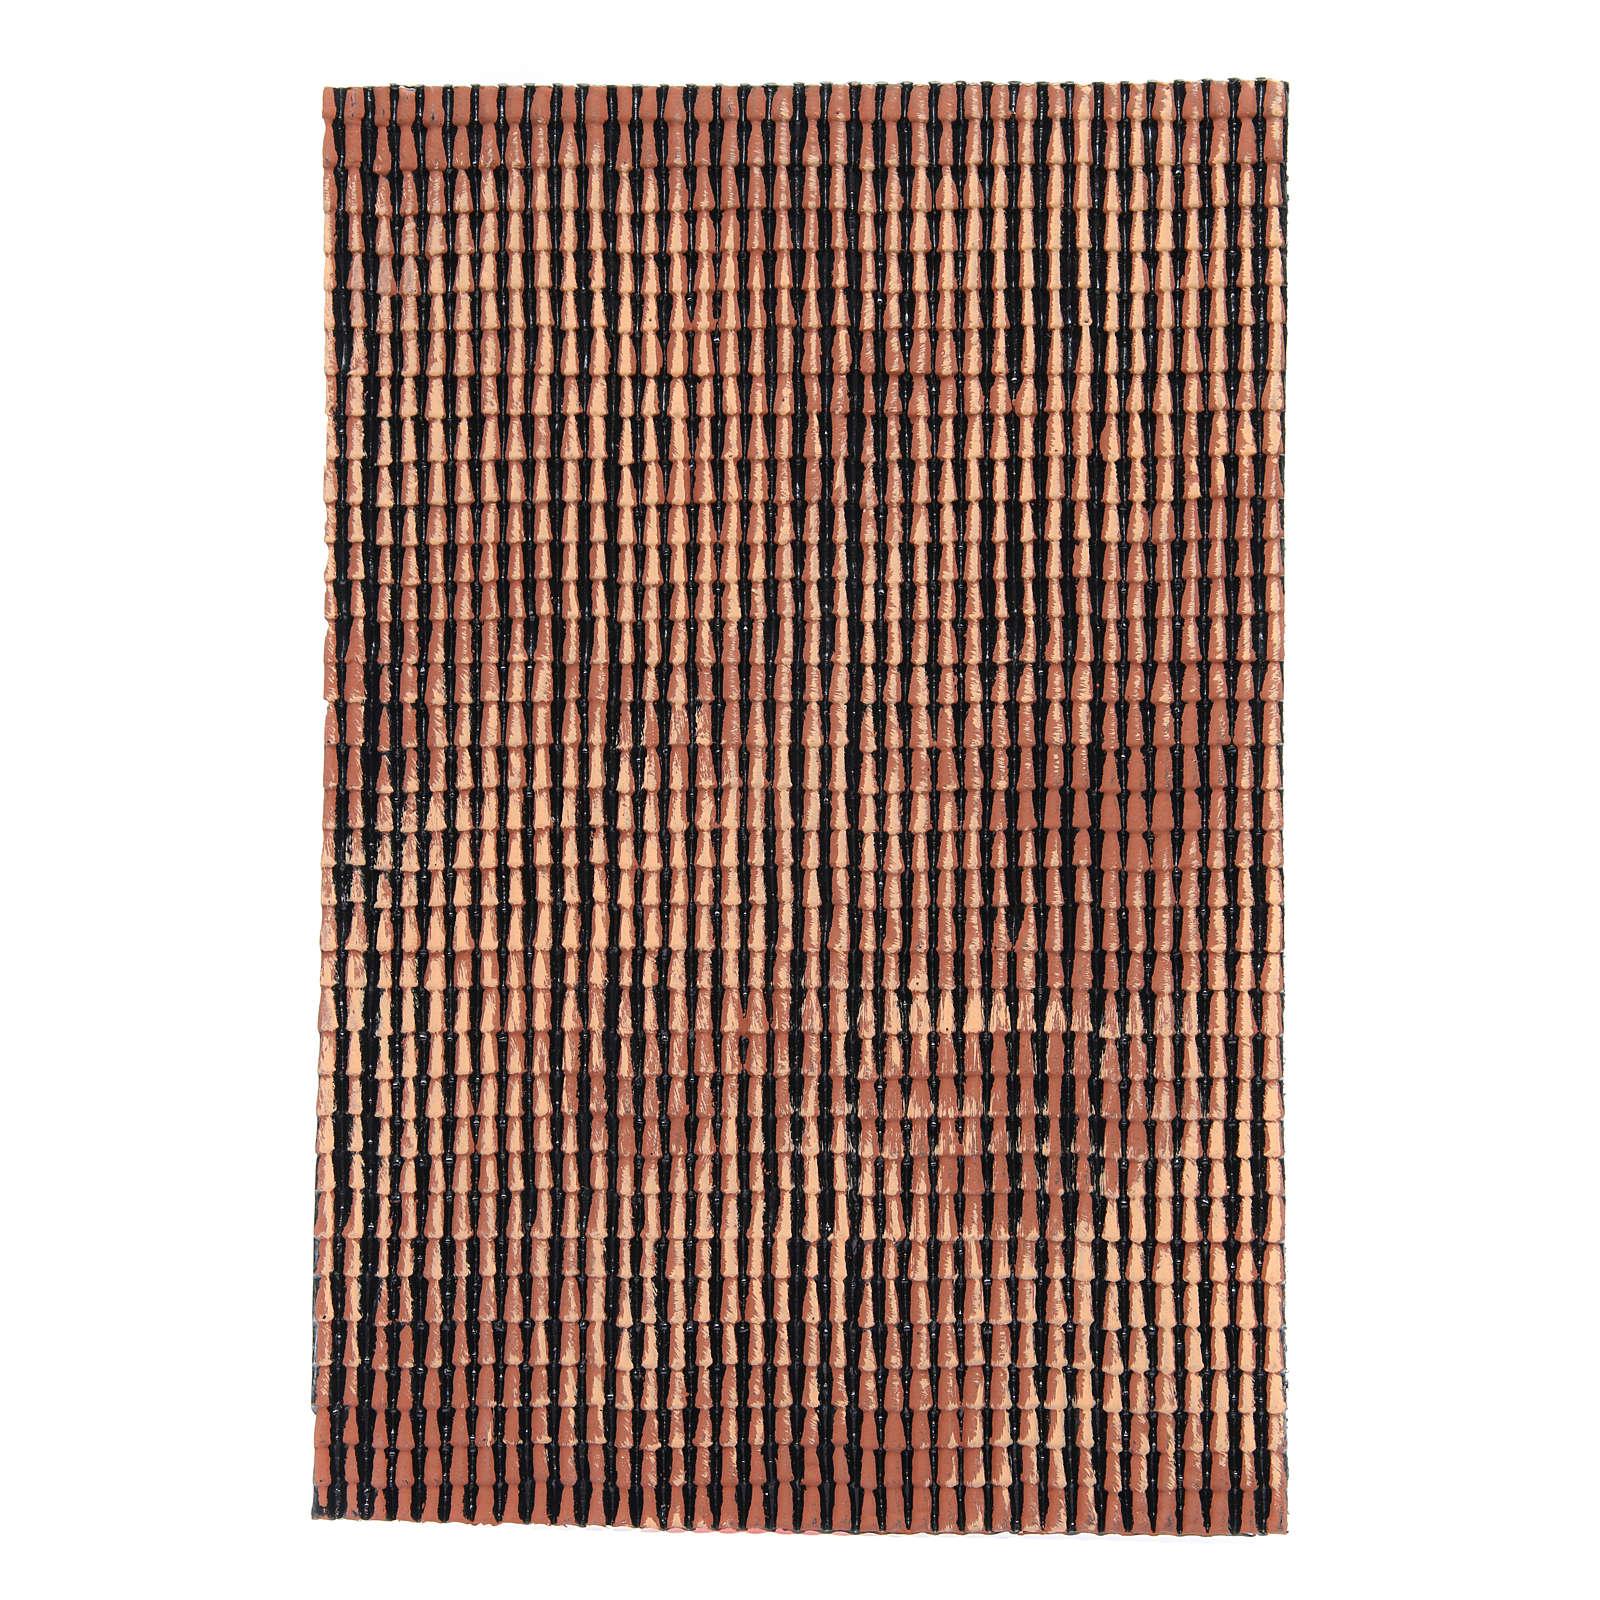 Pannello tetto presepe rosso sfumato tegole piccole 50x35 cm 4